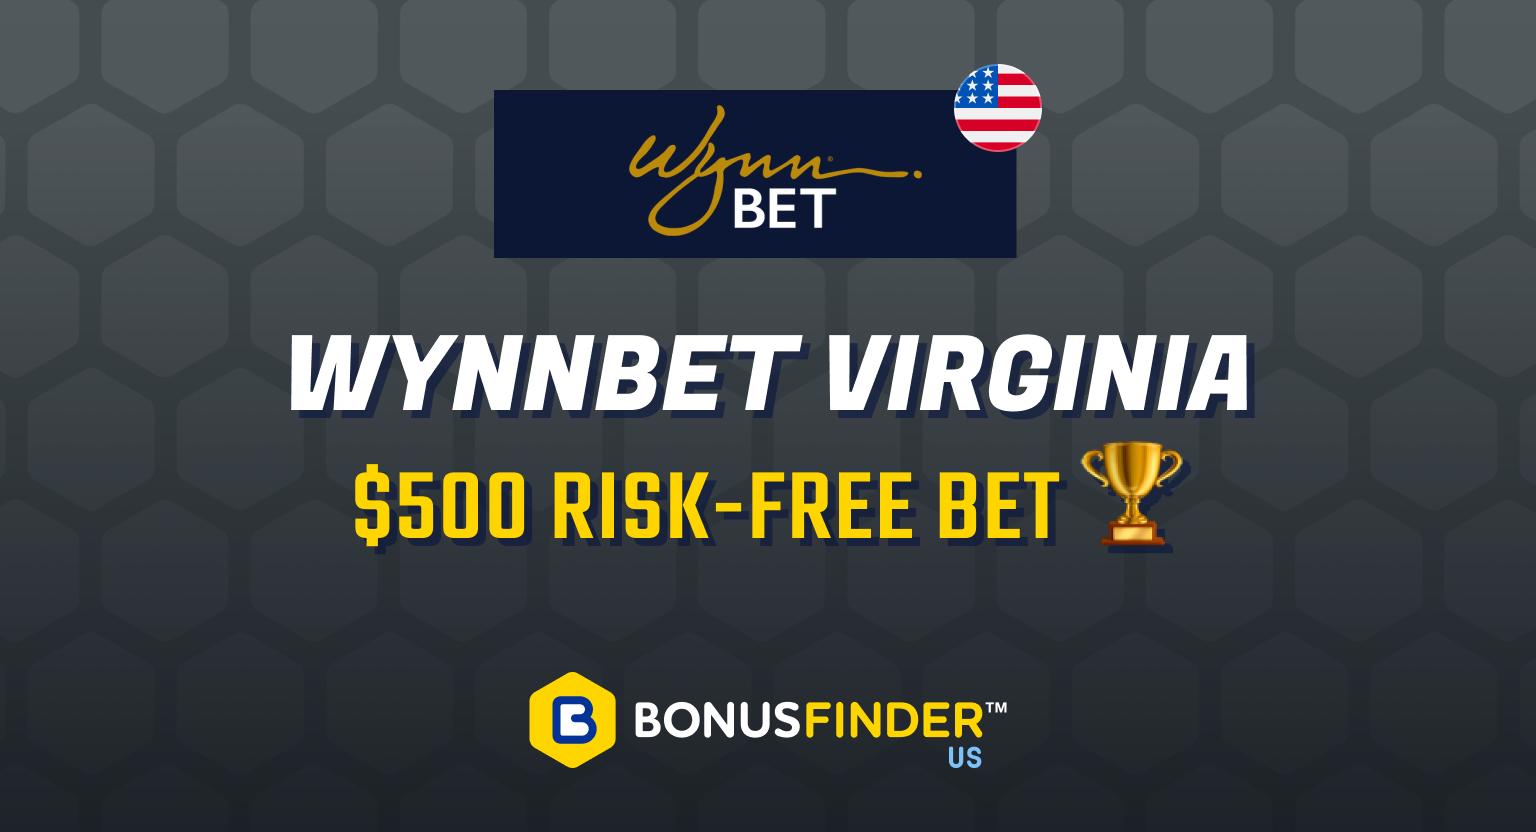 Wynn Virginia Sportsbook Promo